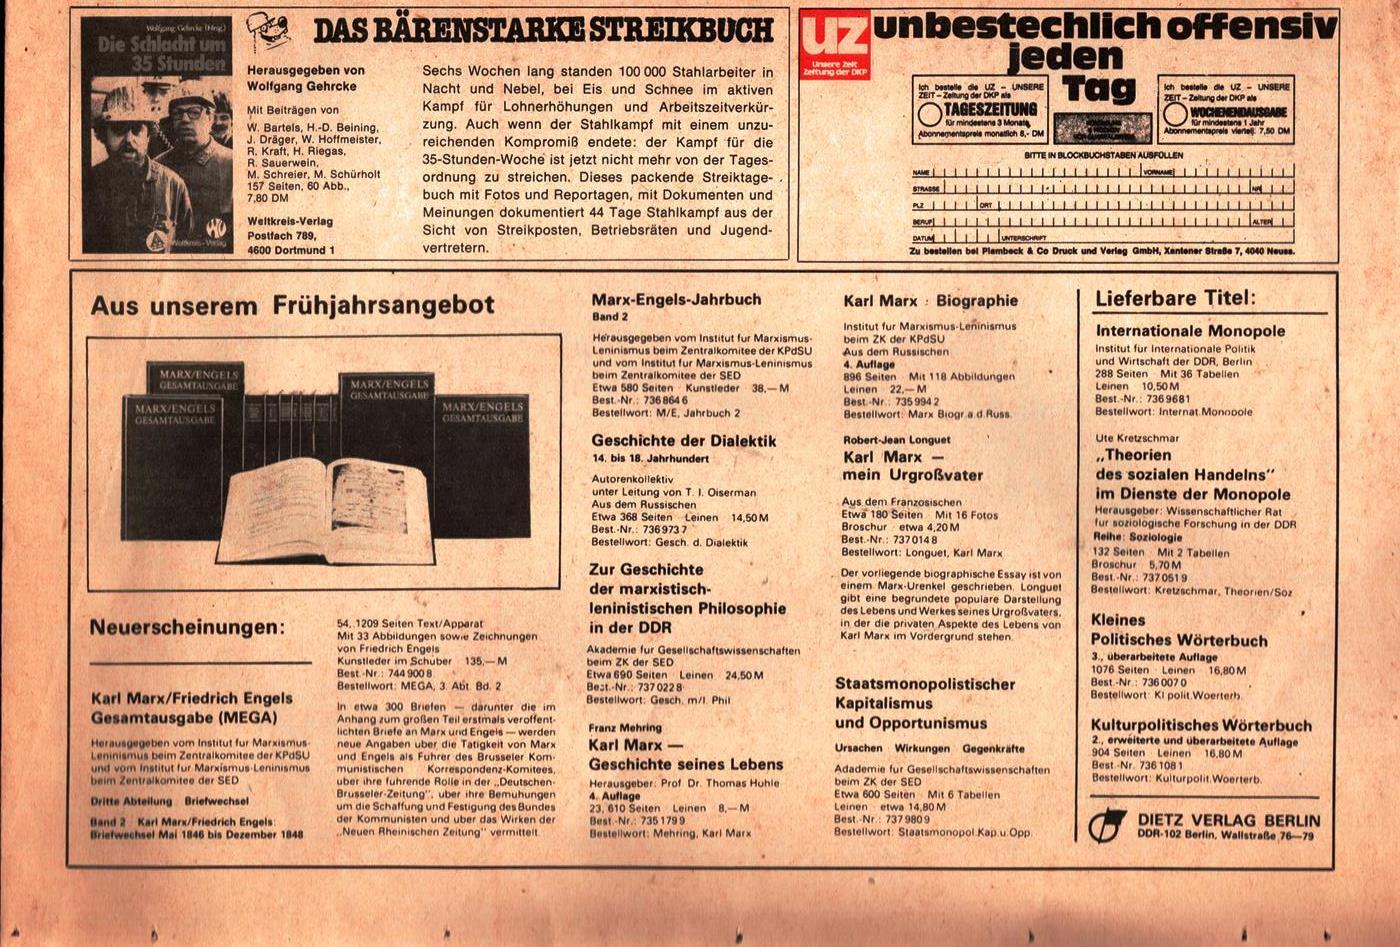 Muenchen_DKP_Neues_Muenchen_19790300_003_006